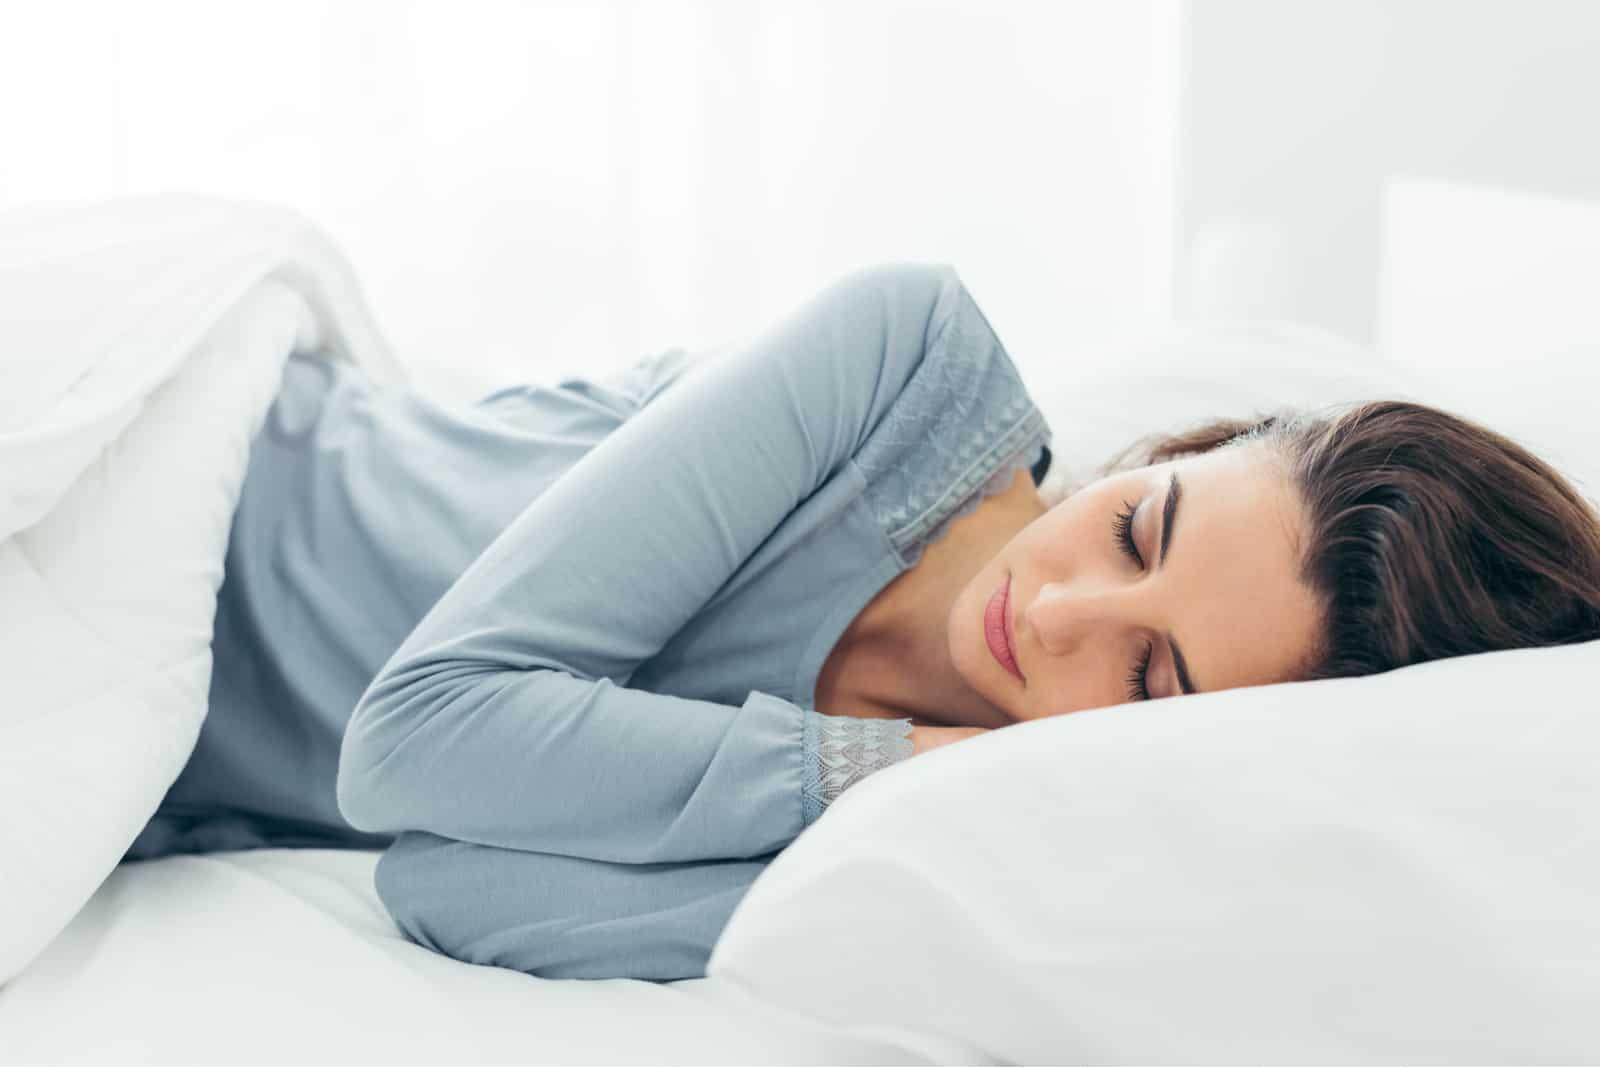 la femme est allongée dans son lit et dort